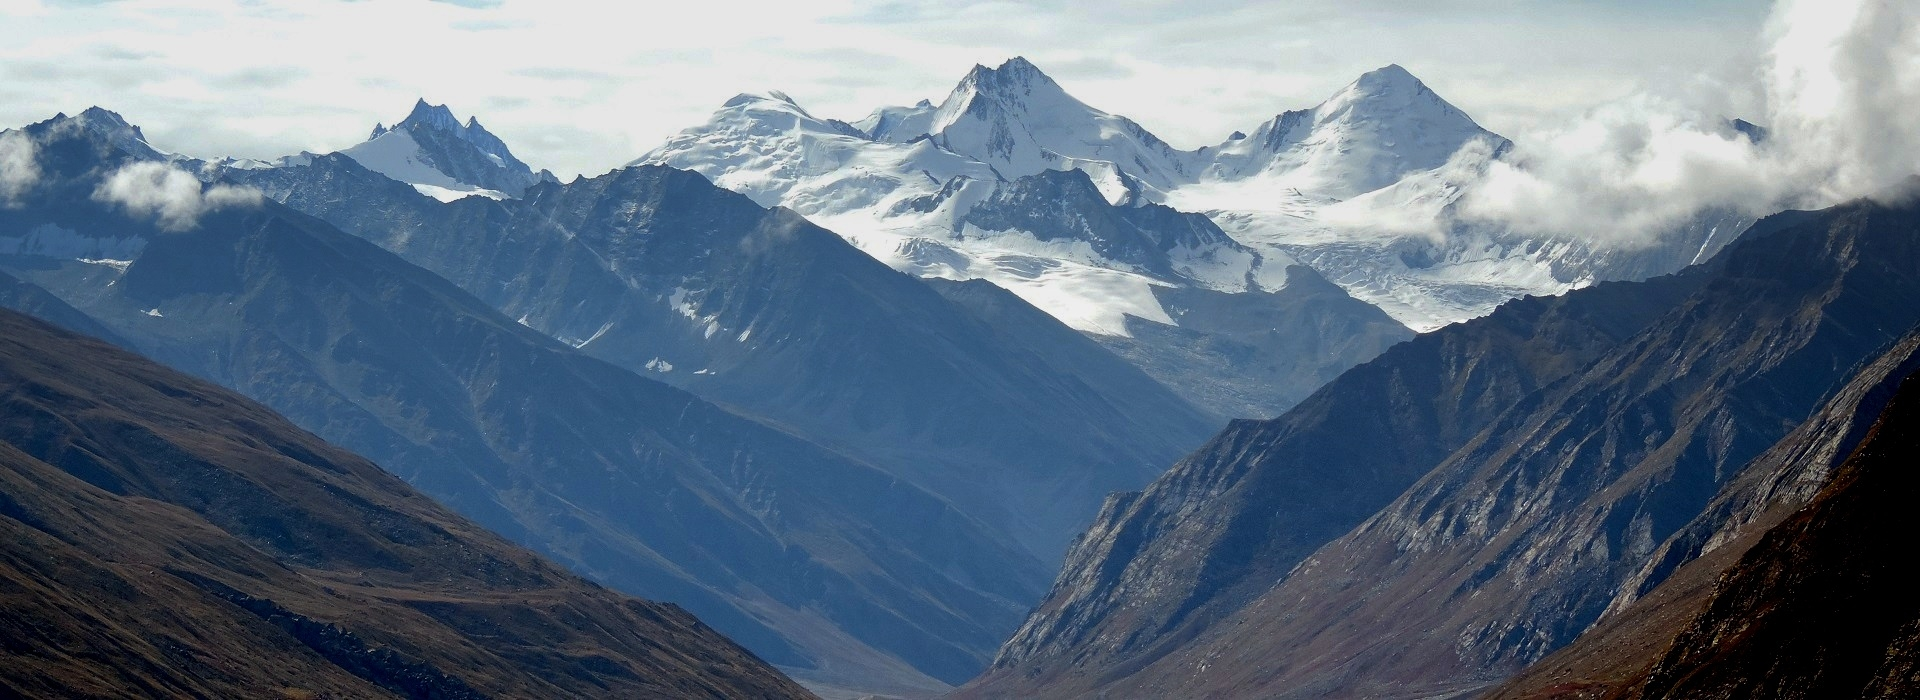 Tharang - Miyar valley - Himachal